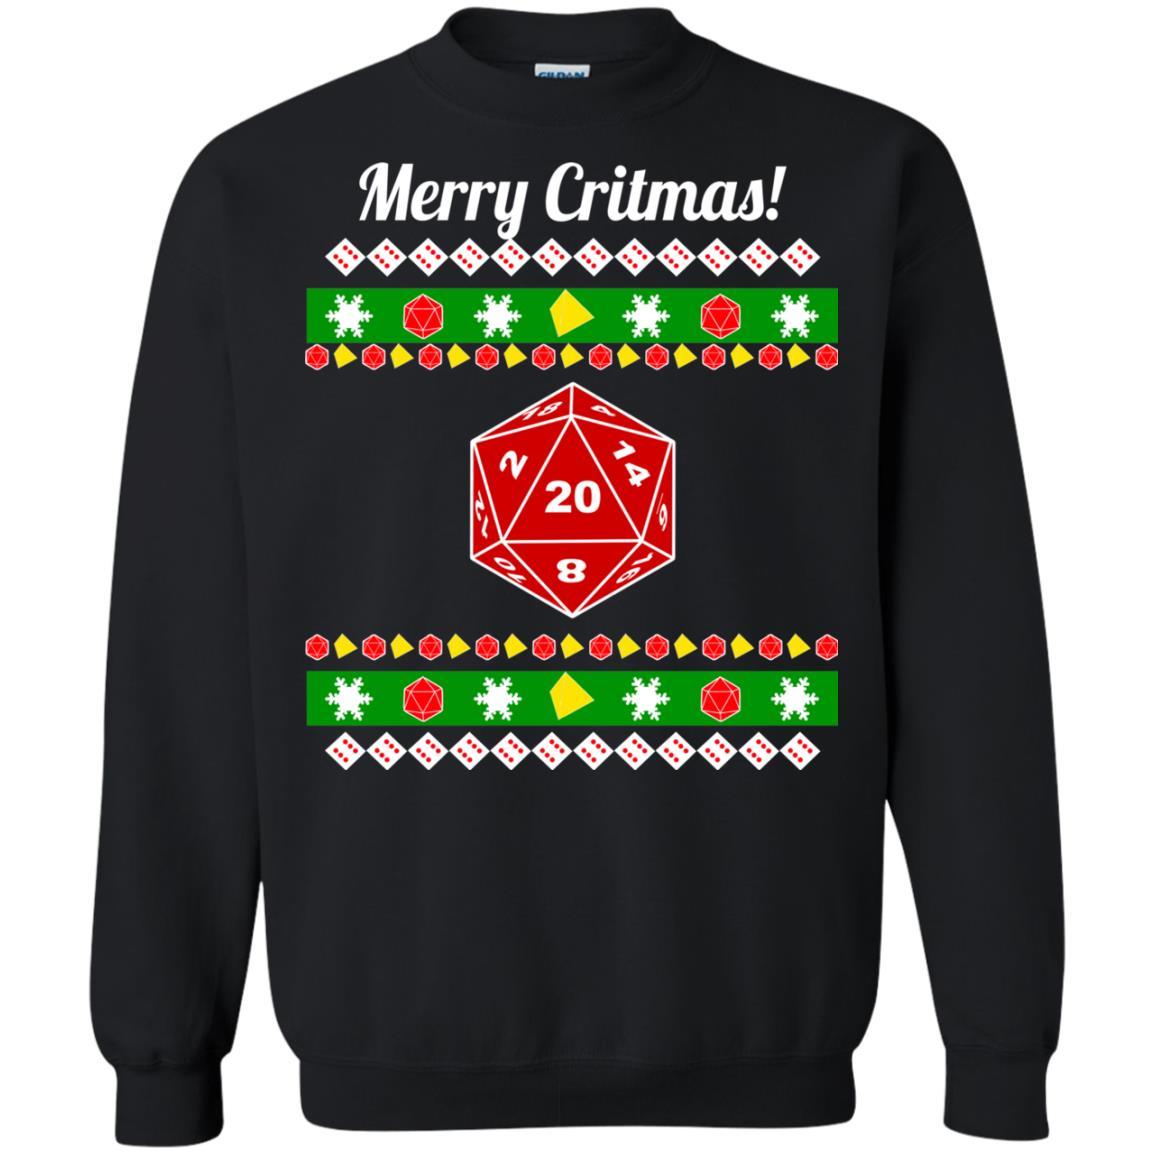 image 2209 - Merry Critmas Christmas ugly Sweatshirts, Long Sleeve